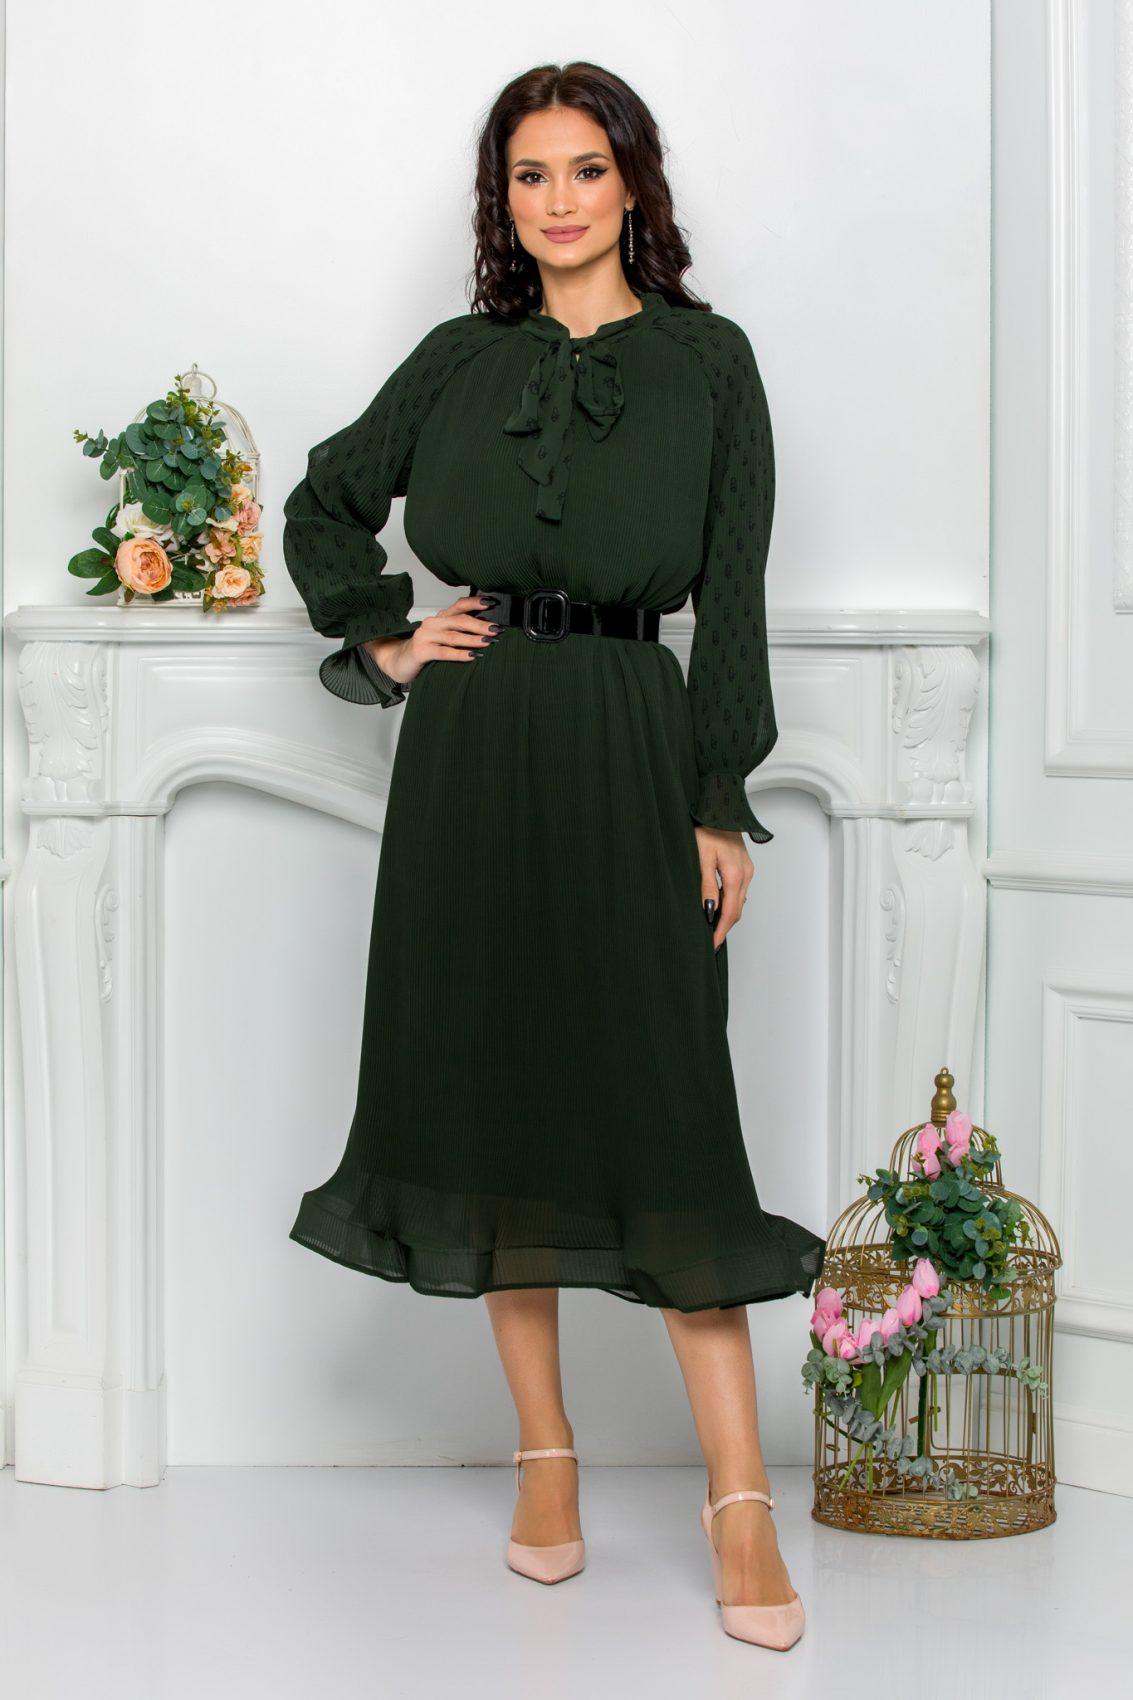 Μίντι Πράσινο Φόρεμα Με Φιόγκο Trinity 9630 1